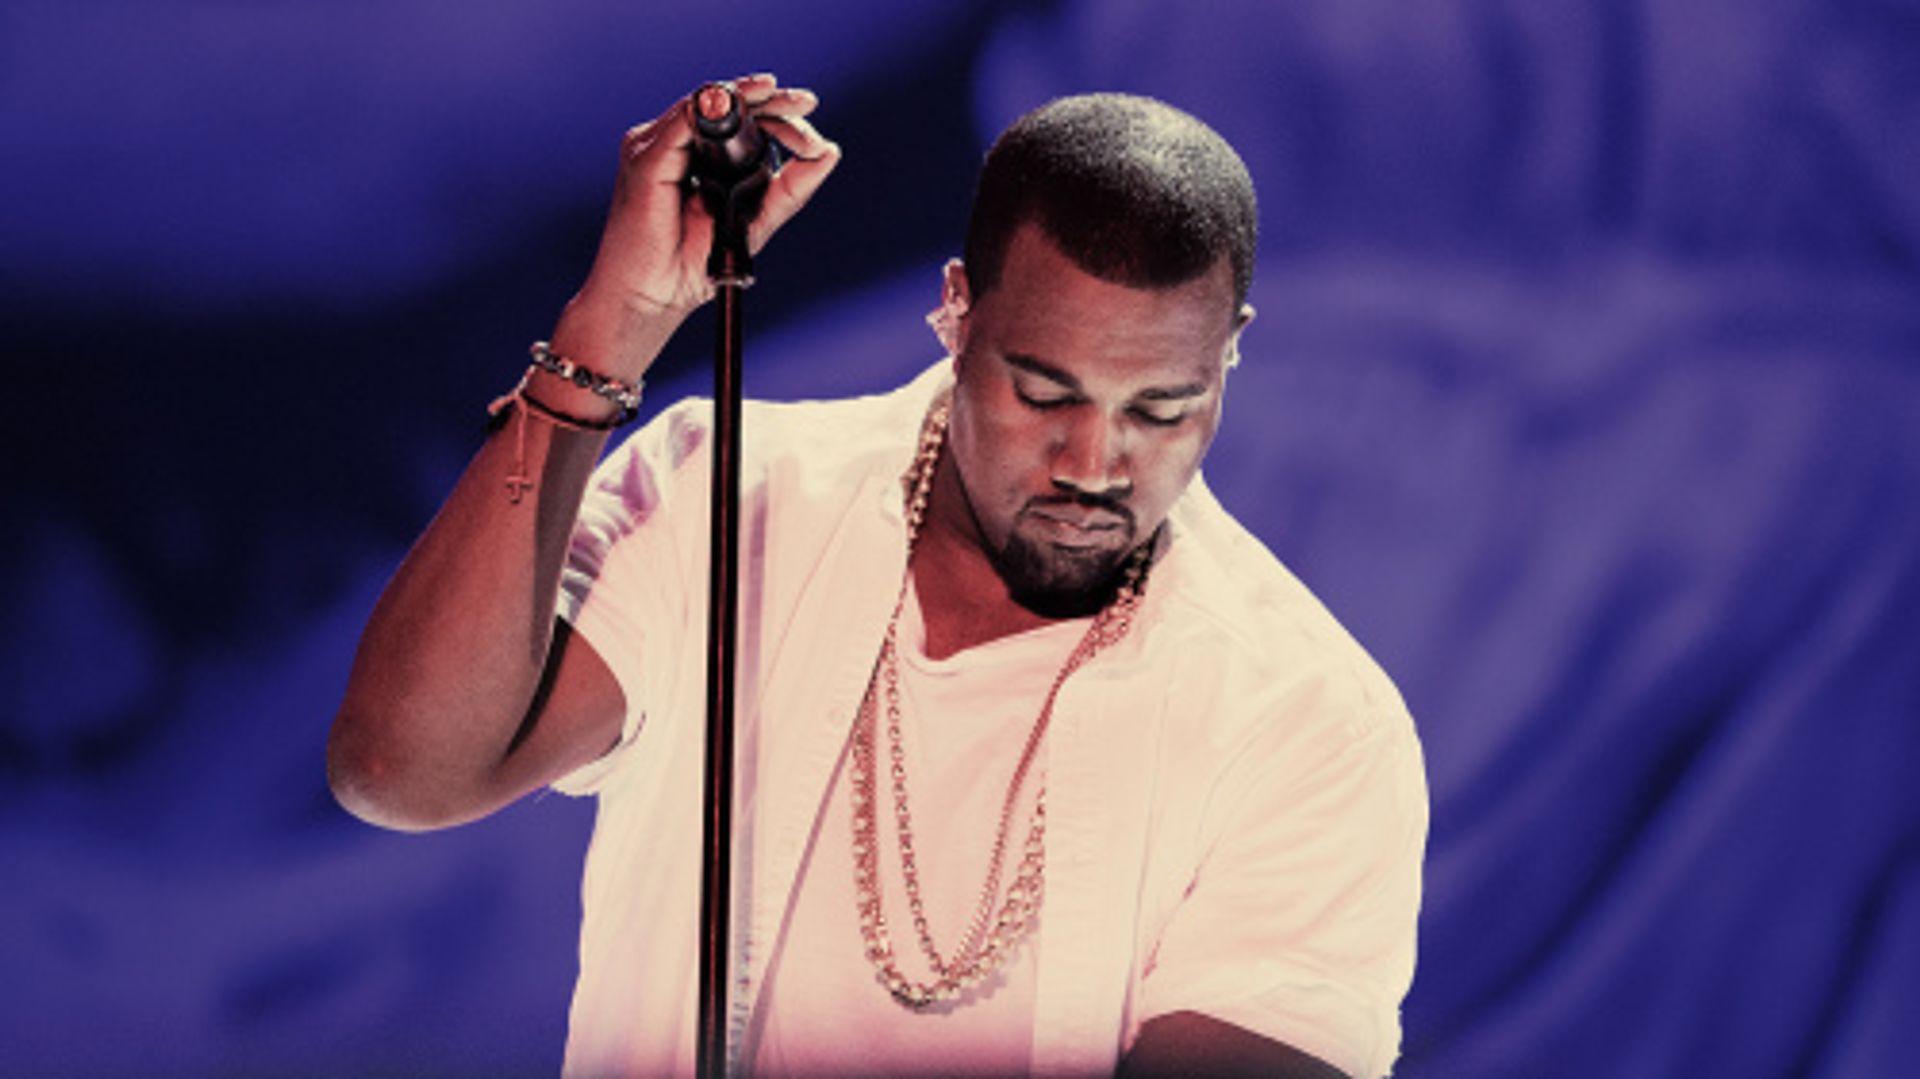 Kanye is niet gek, hij is bipolair